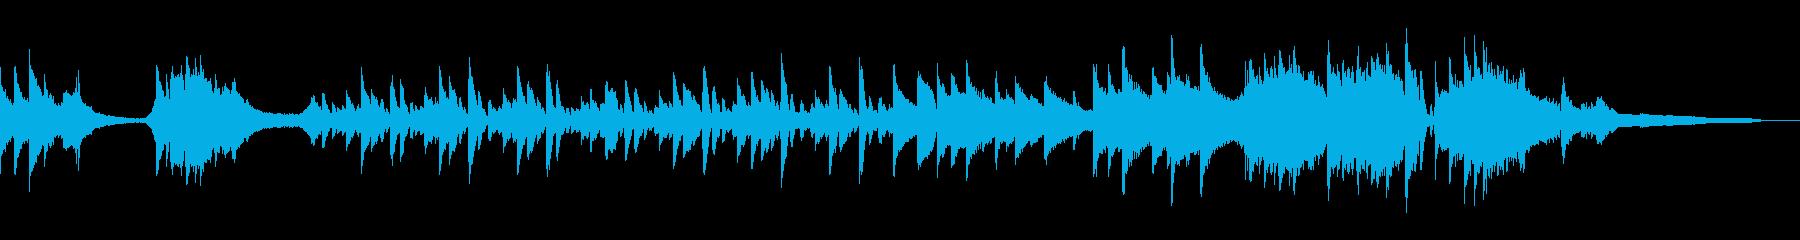 スタイリッシュに駆け抜けるピアノソロの再生済みの波形